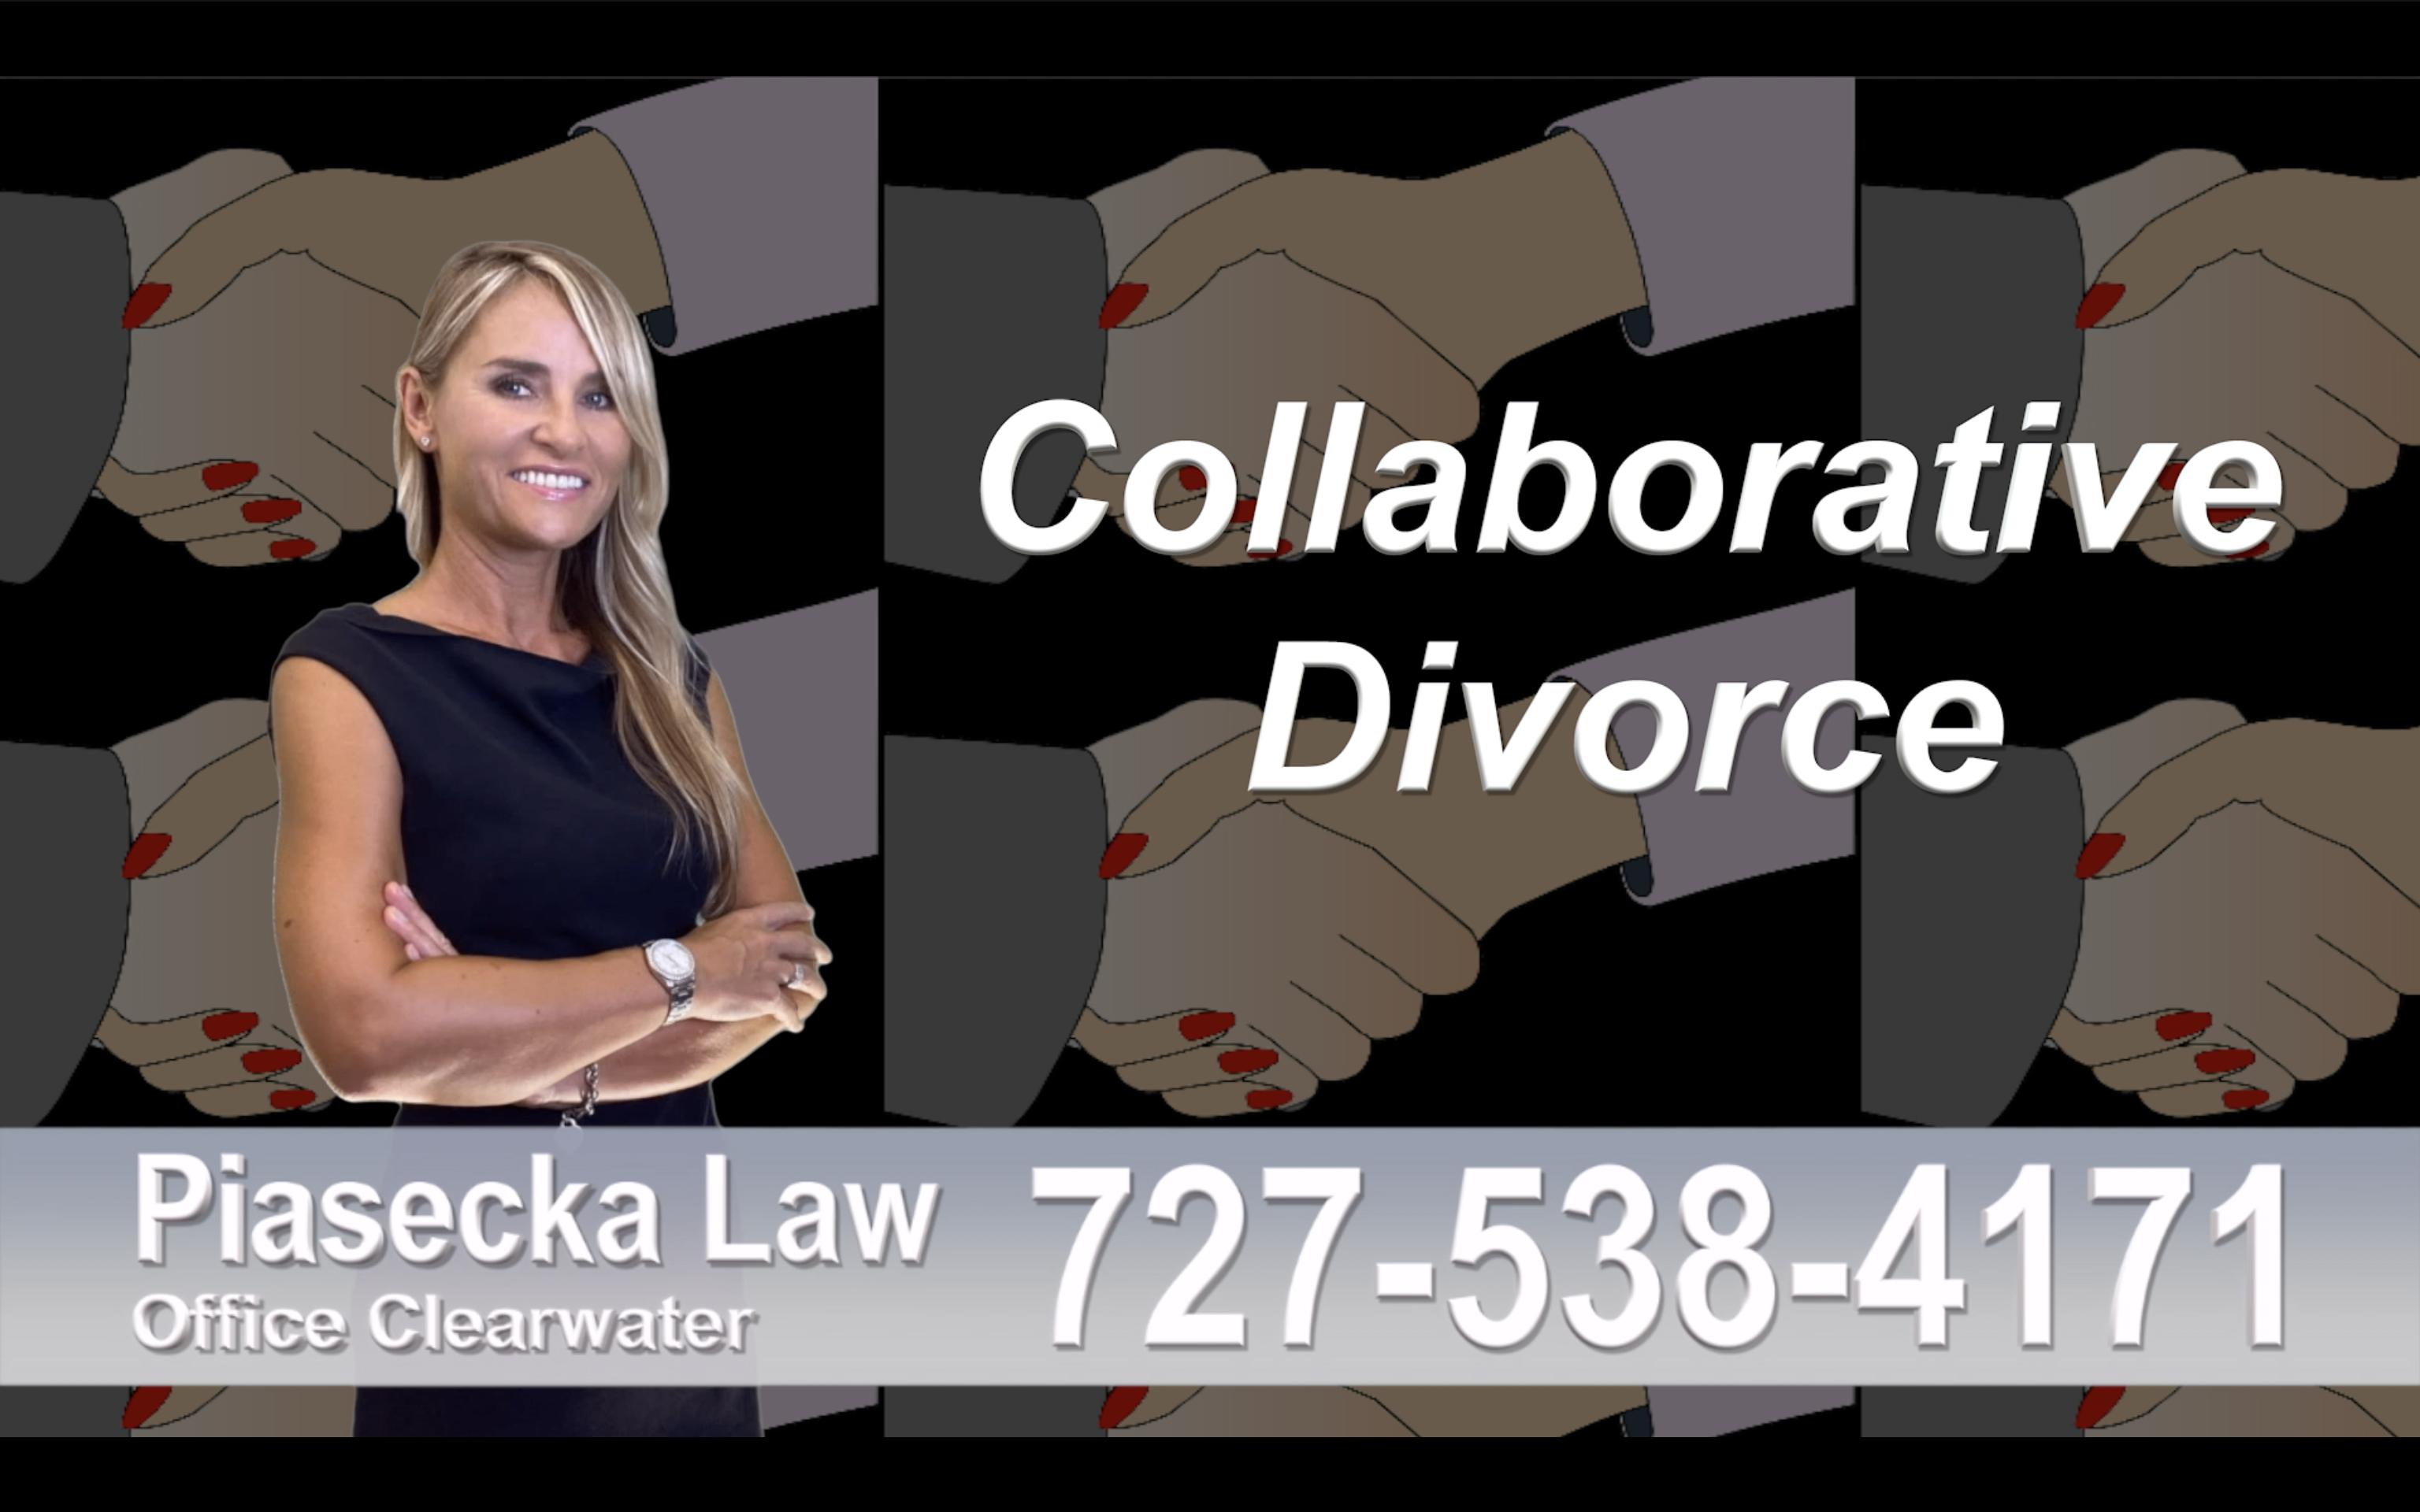 Polski Adwokat Rozwodowy Tampa, Collaborative, Divorce, Attorney, Agnieszka, Piasecka, Prawnik, Rozwodowy, Rozwód, Adwokat, Najlepszy Best